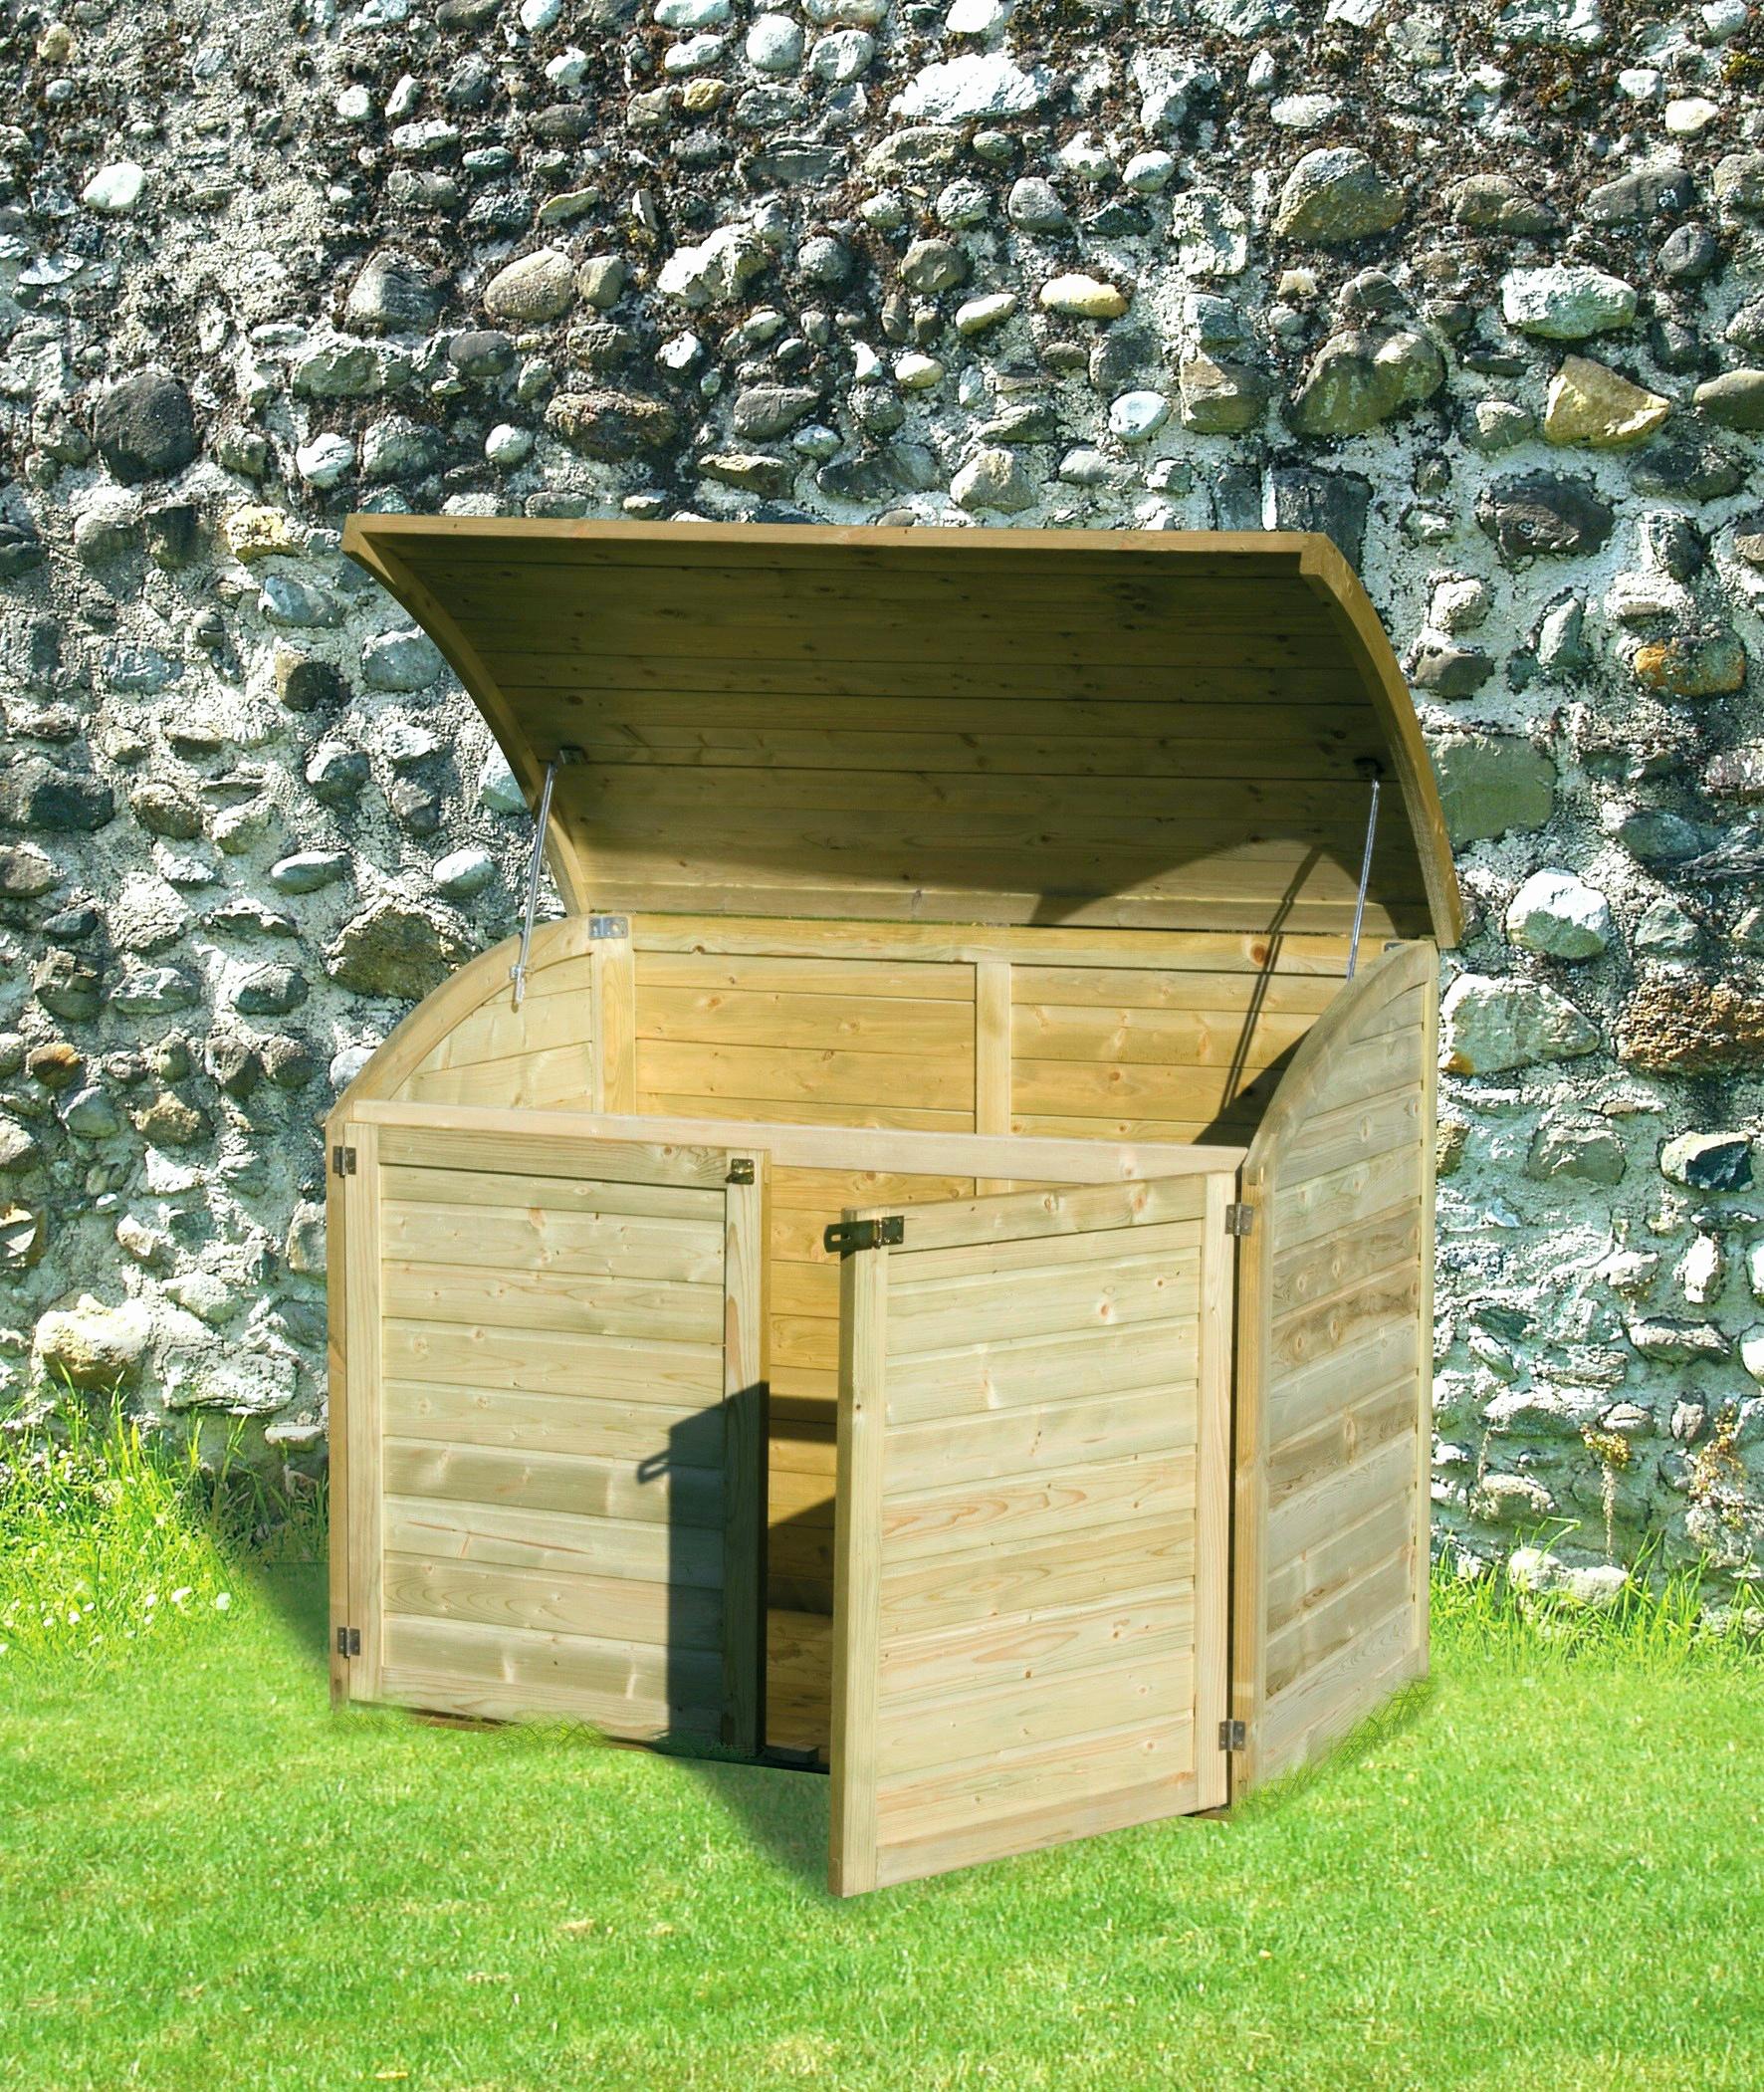 Nouveau Cabane De Jardin 10M2 - Luckytroll tout Abri De Jardin Metal 10M2